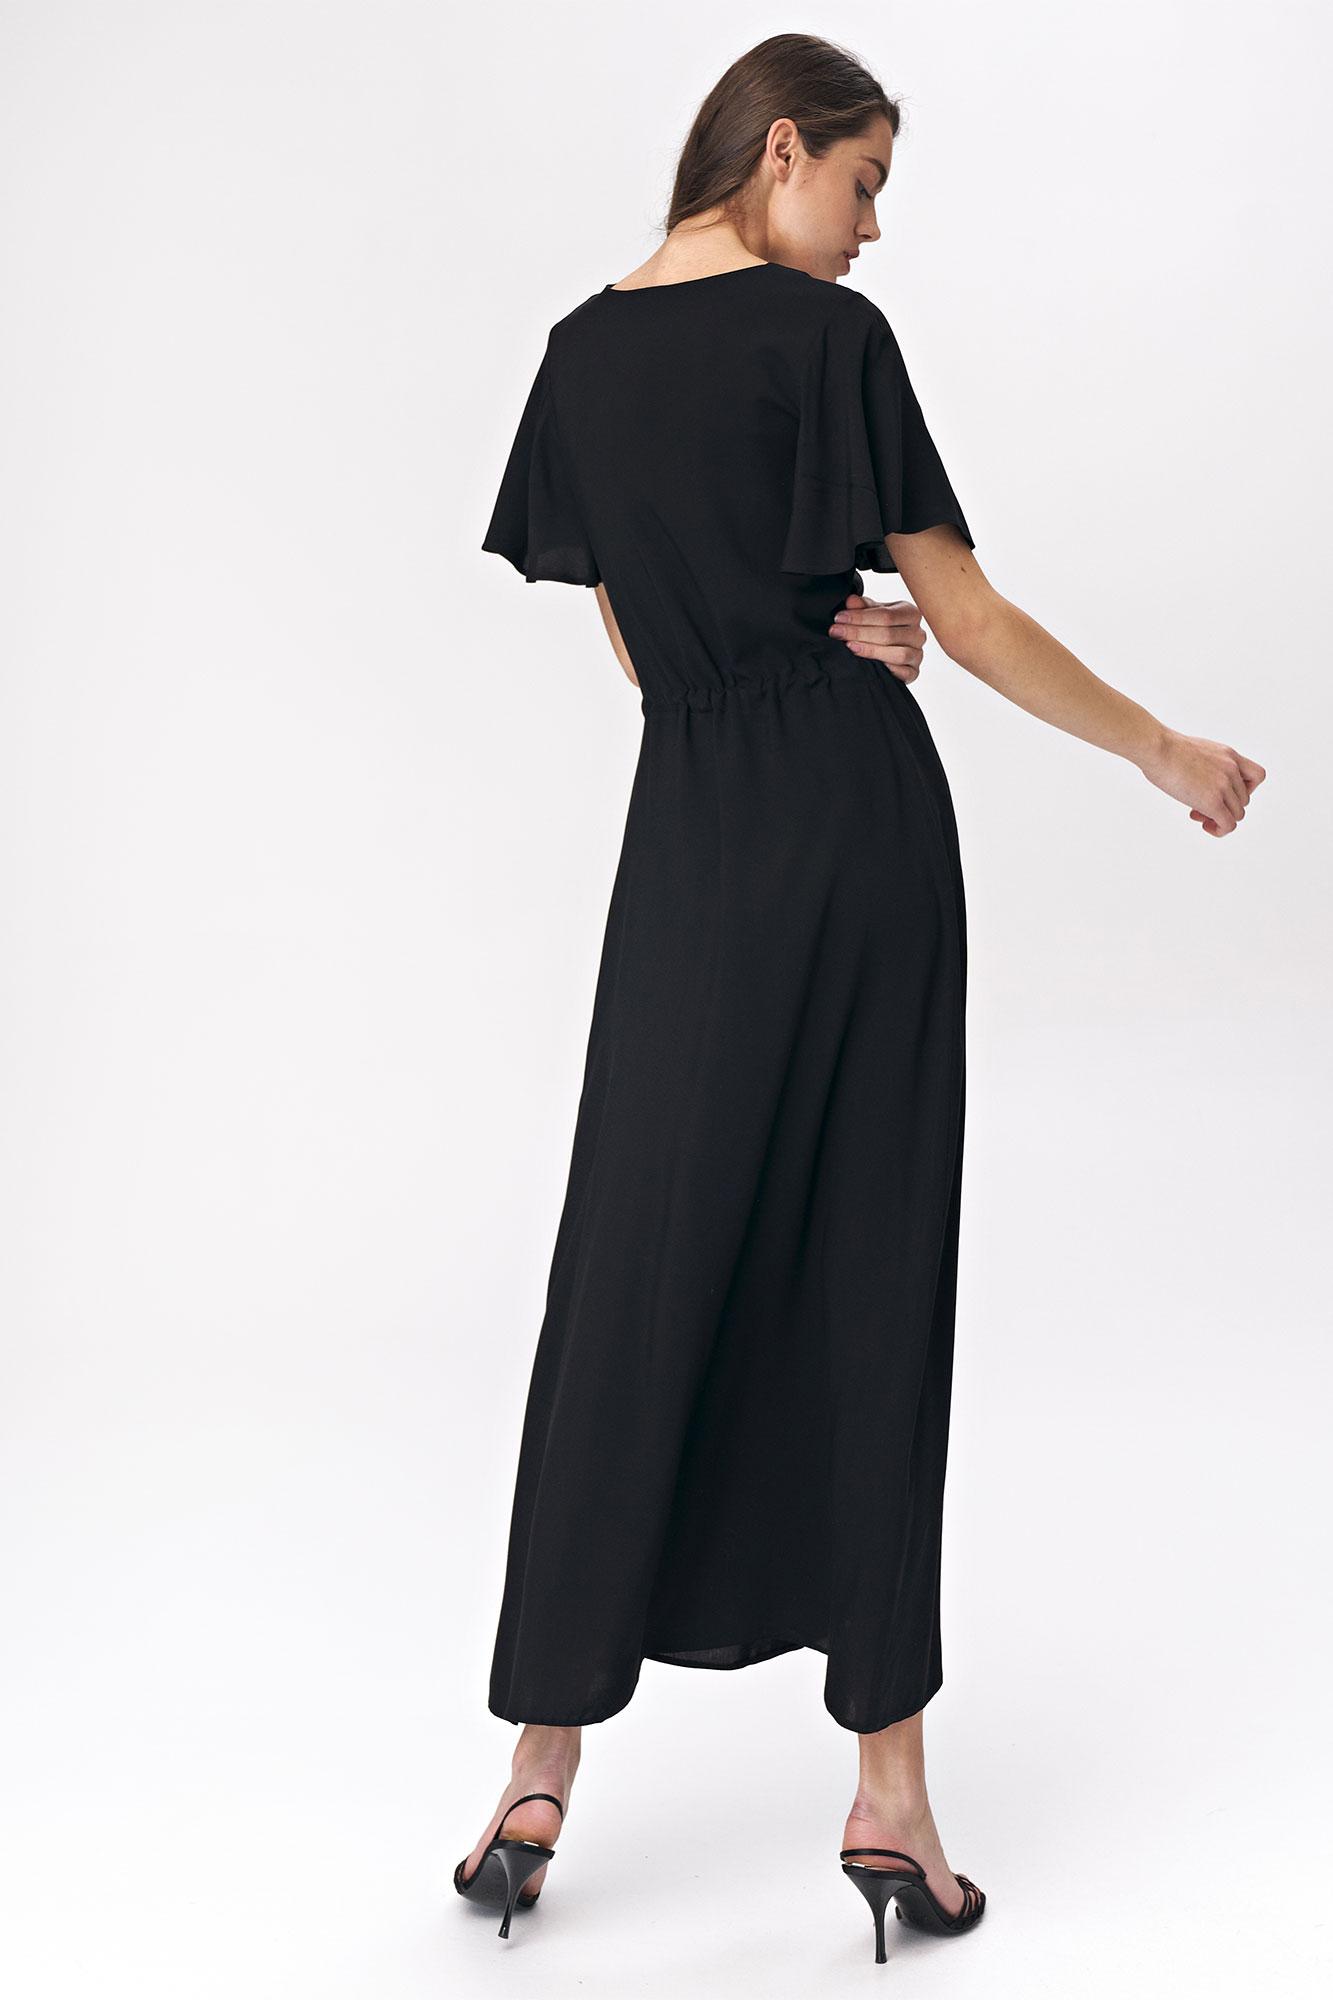 Nife - Czarna sukienka maxi z rozkloszowanym rękawem 3